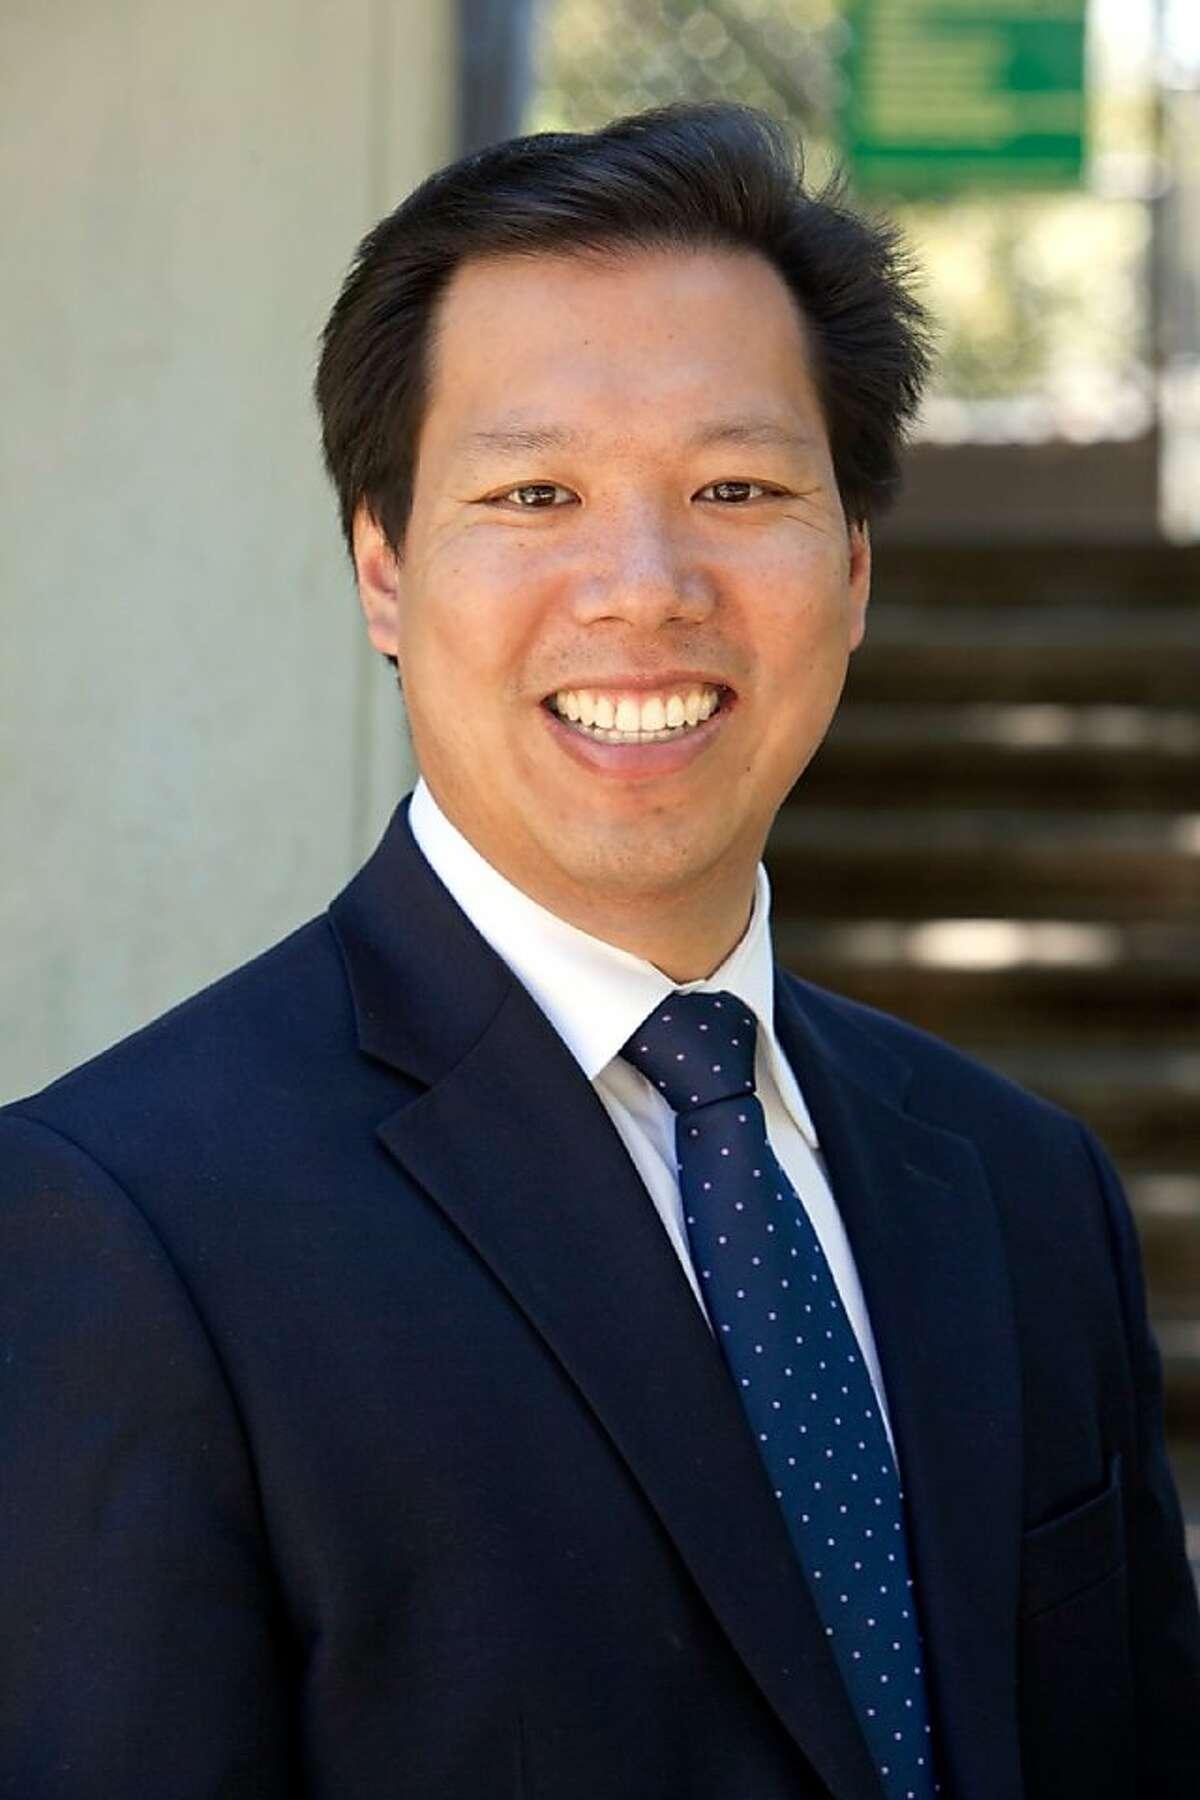 David Lee, candidate for District 1 supervisor, San Francisco 2012